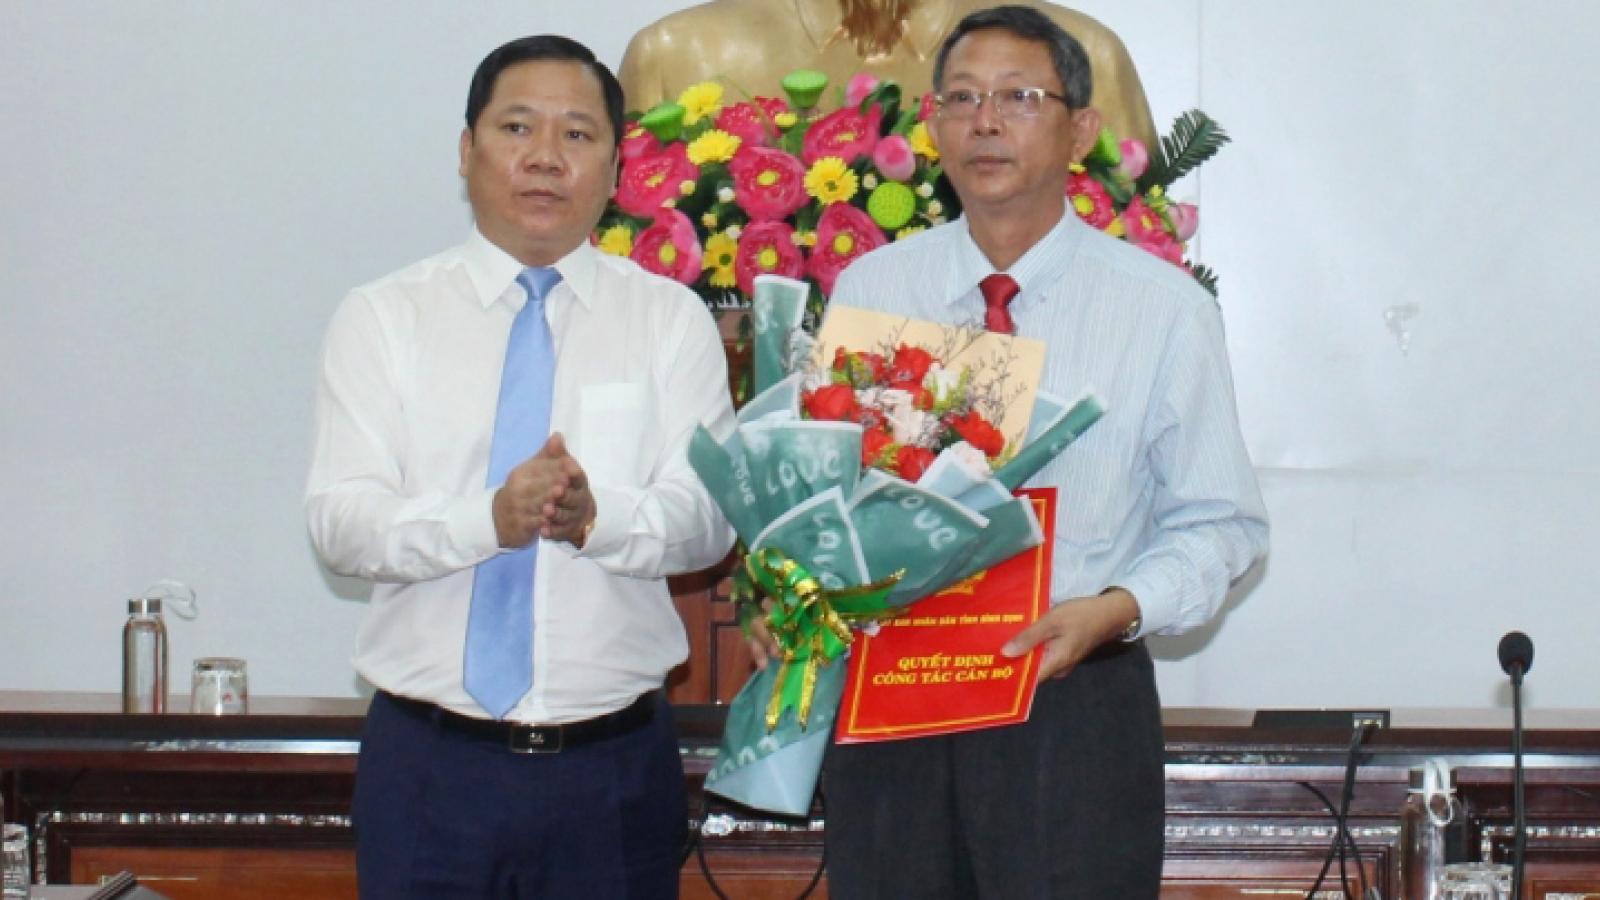 Bổ nhiệm Giám đốc, Phó giám đốc Sở Du lịch tỉnhBình Định